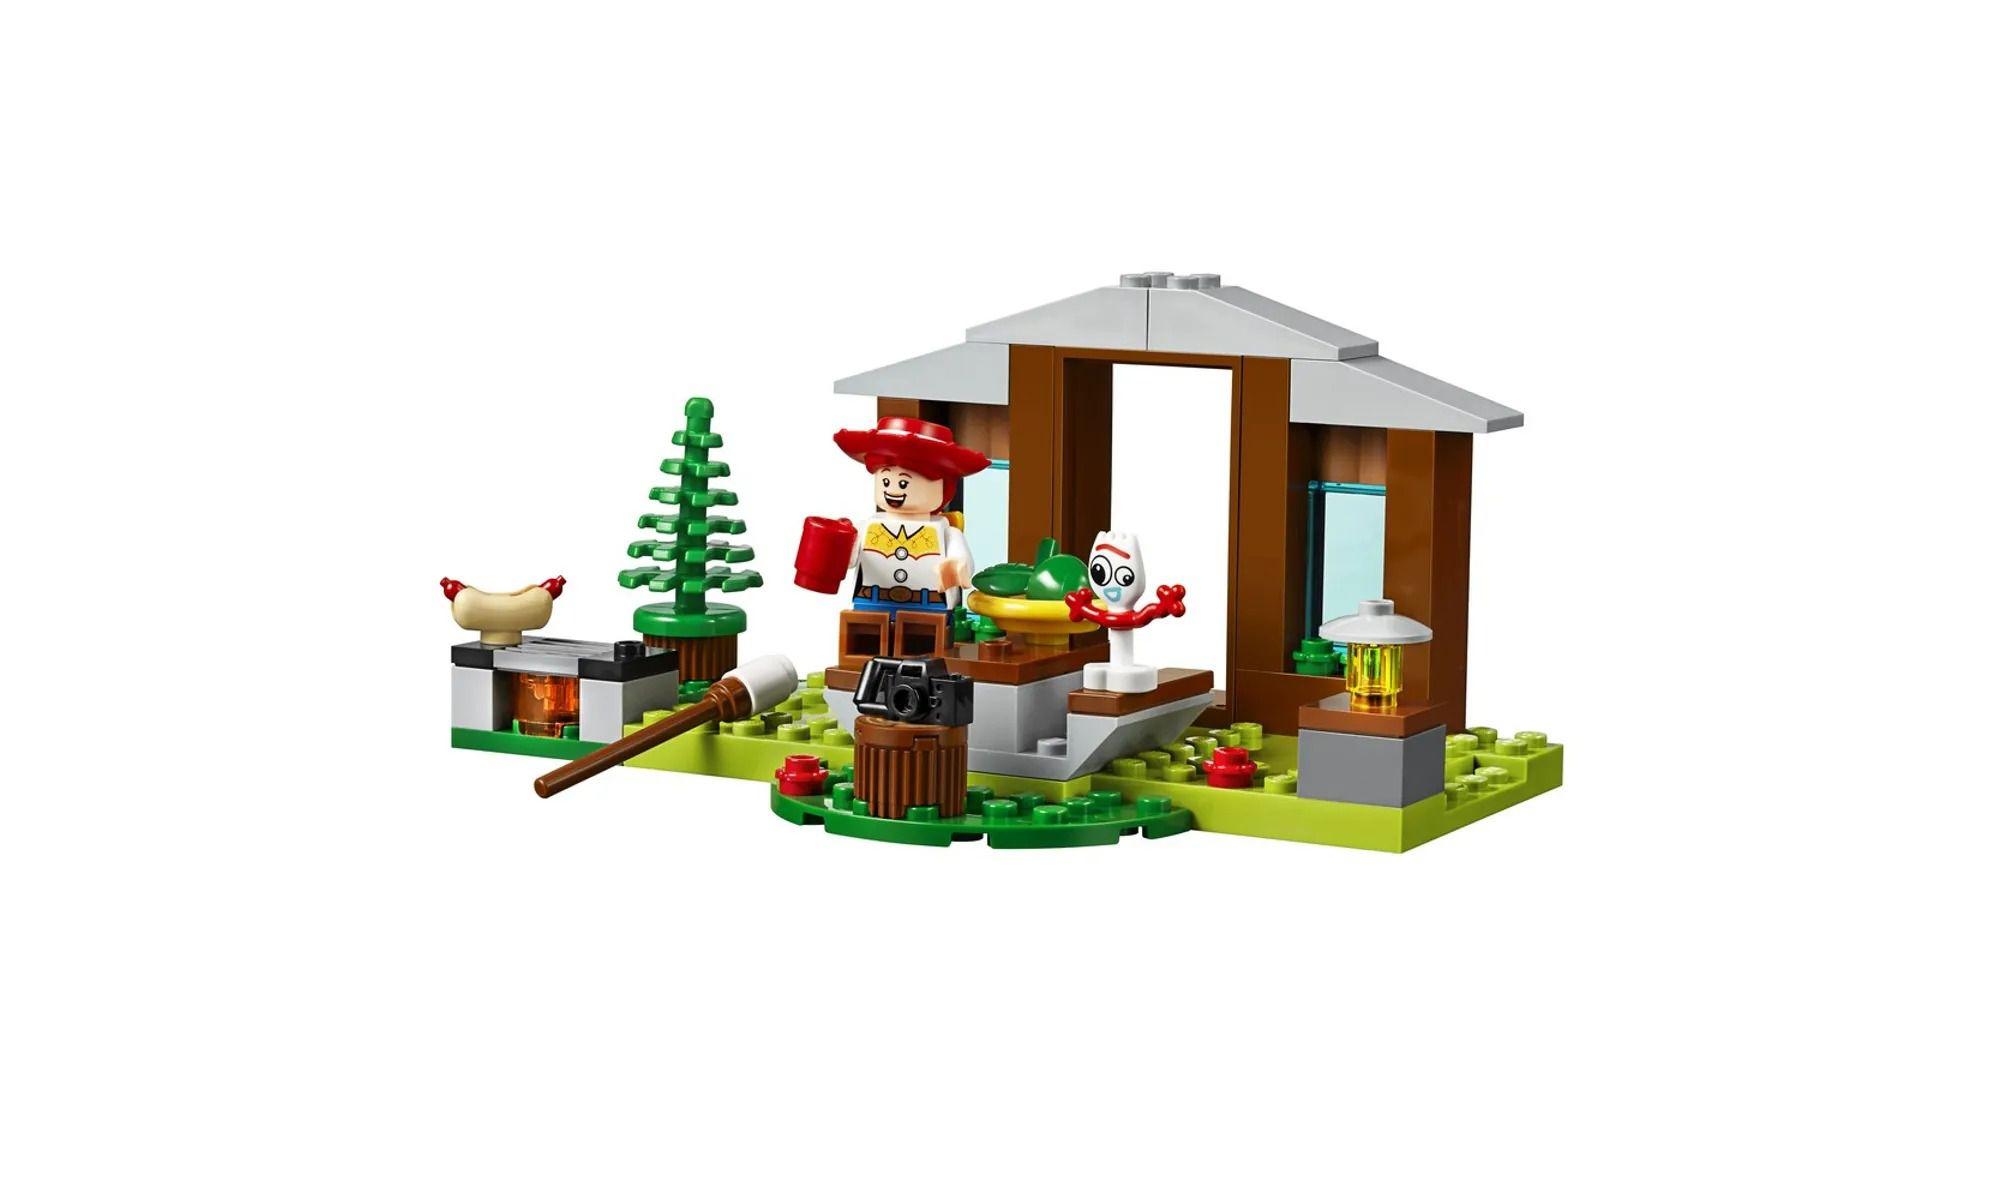 Lego 10769 Toy Story 4 - Férias Com Trailer Jessie , Rex E Forky  - 178 peças  - Doce Diversão